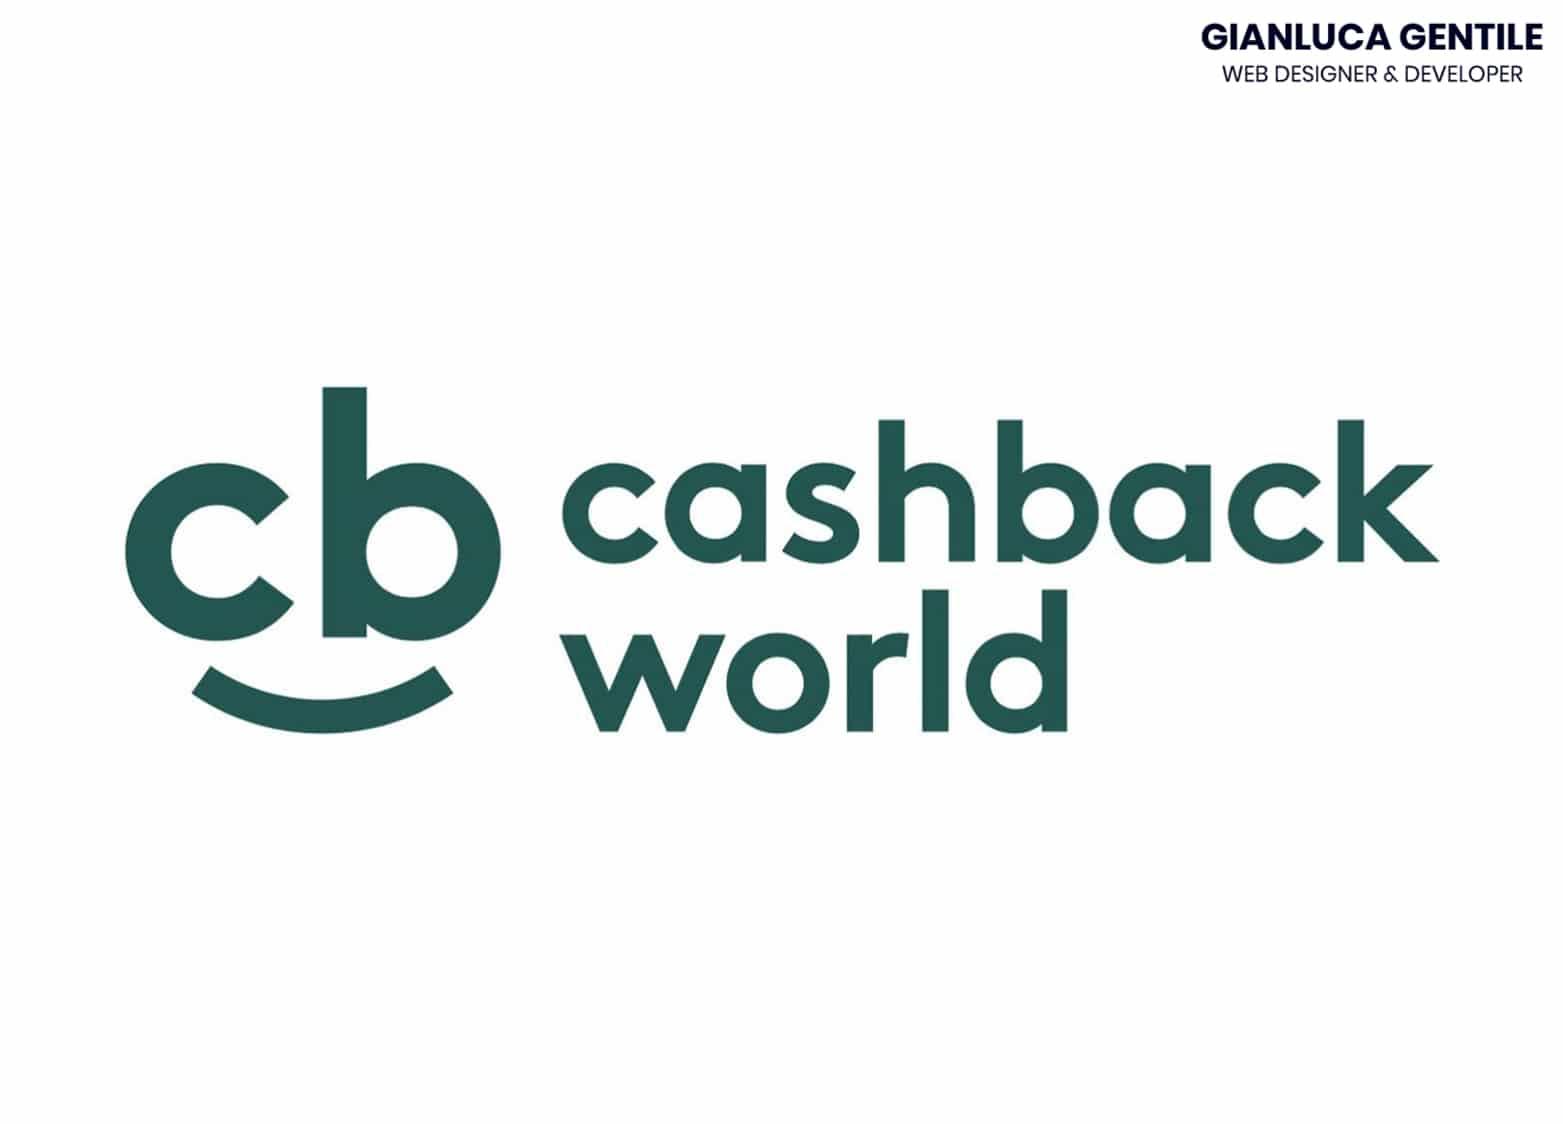 risparmiare con il cashback - Cashback world cos   e come funziona - Risparmiare con il cashback si può: recupera denaro ad ogni acquisto